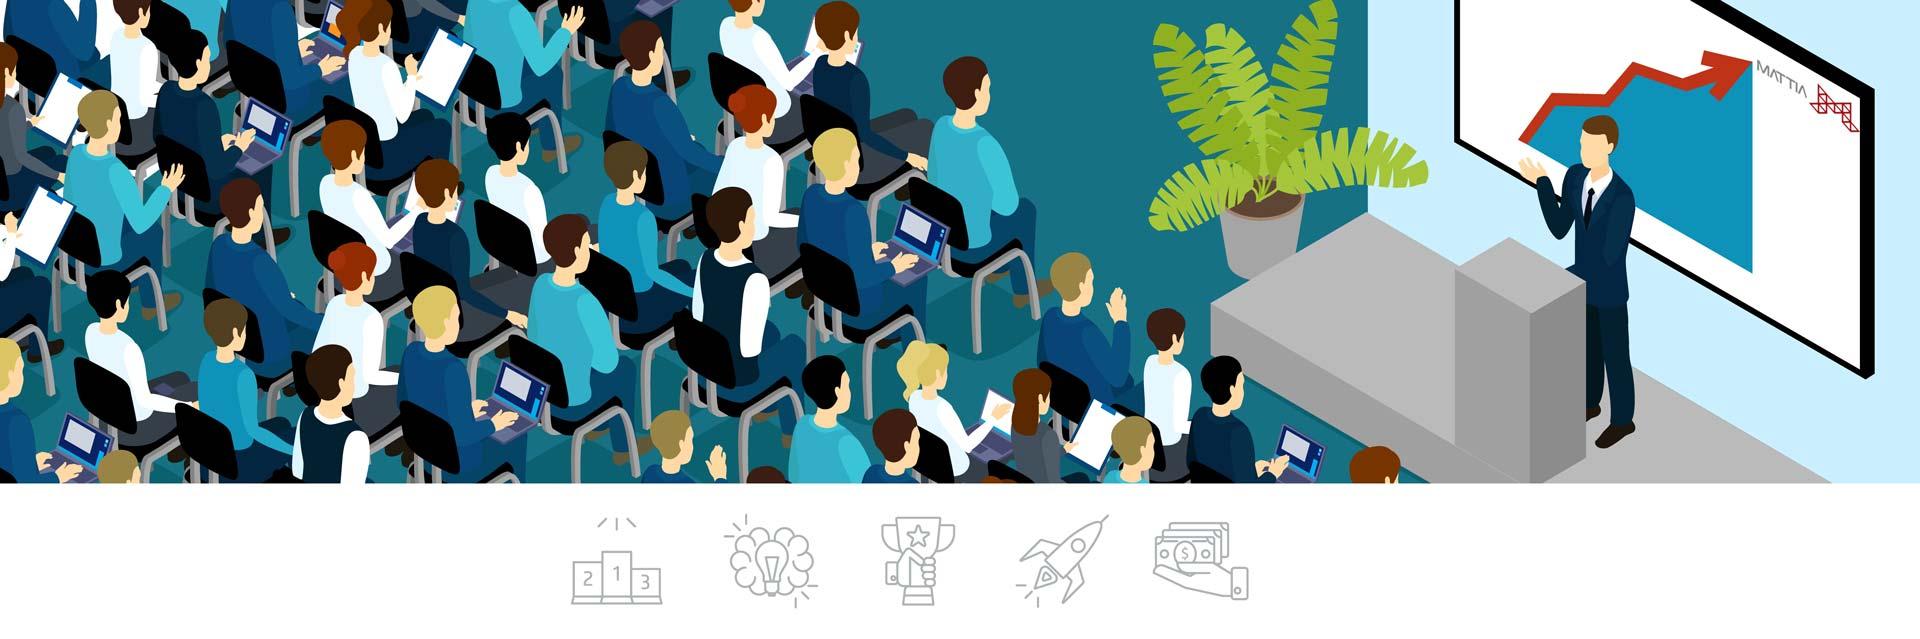 برگزاری سمینارهای ویژه در حوزه های فناوری های نوین ساخت